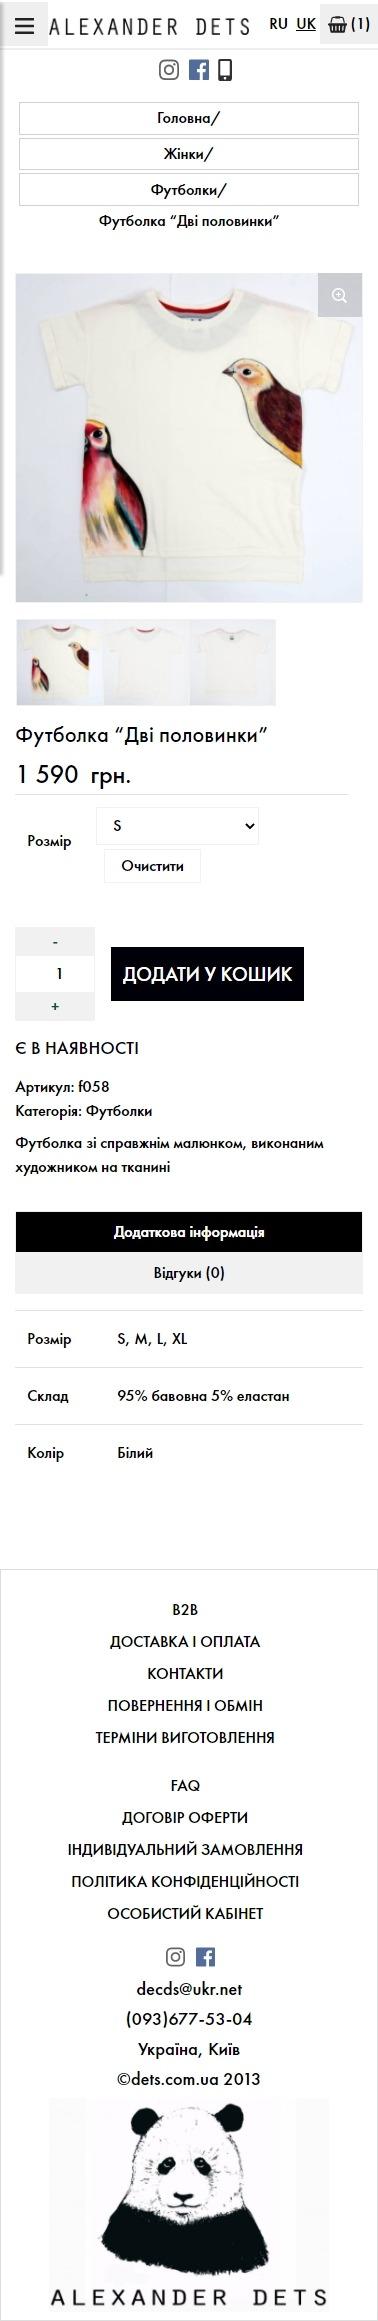 14_dets.com.ua